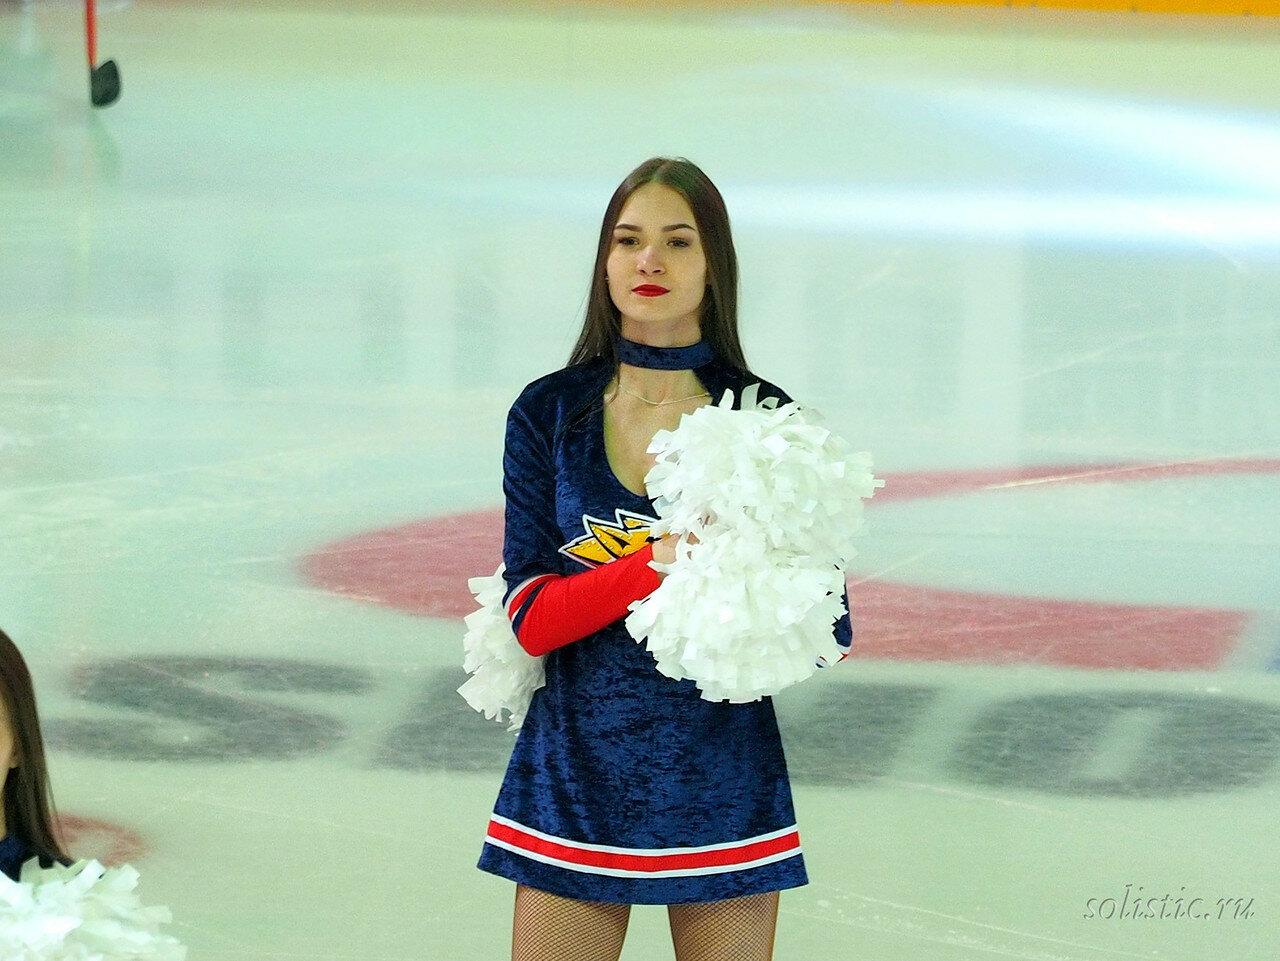 55 Металлург - Локомотив 05.01.2018